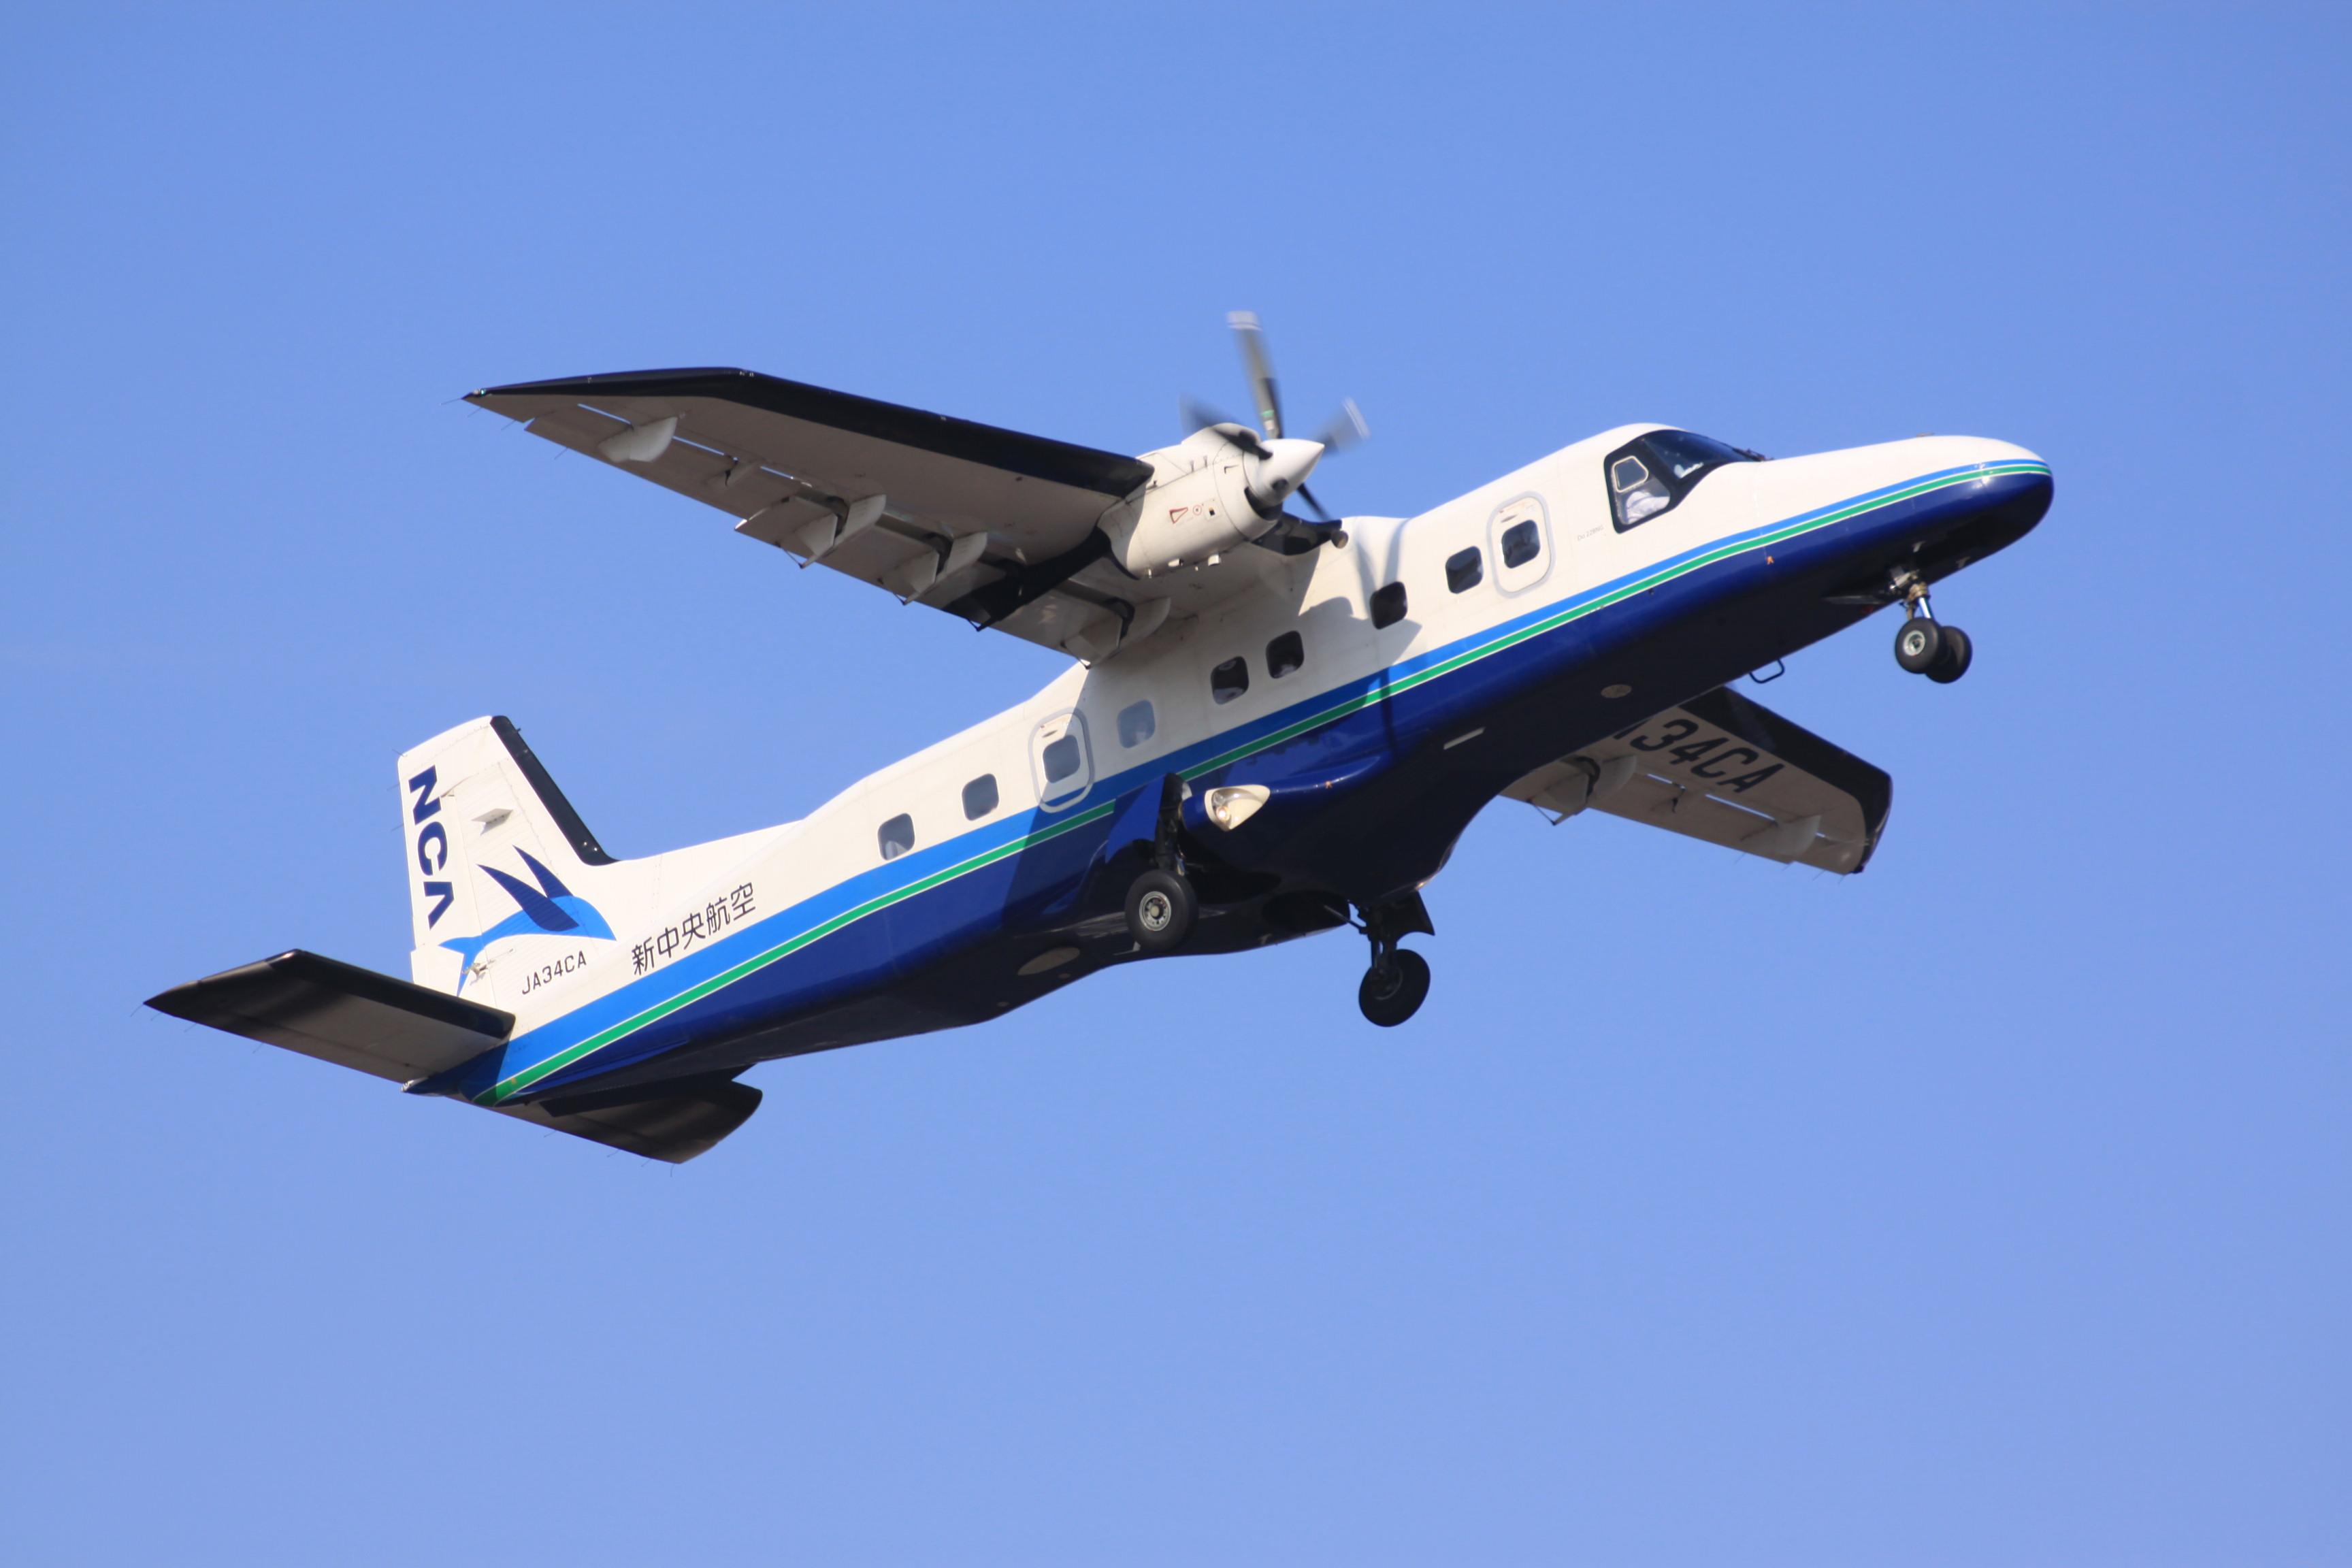 エバー航空の青森/台北線、7月31日まで運休期間を延長 機材繰りで